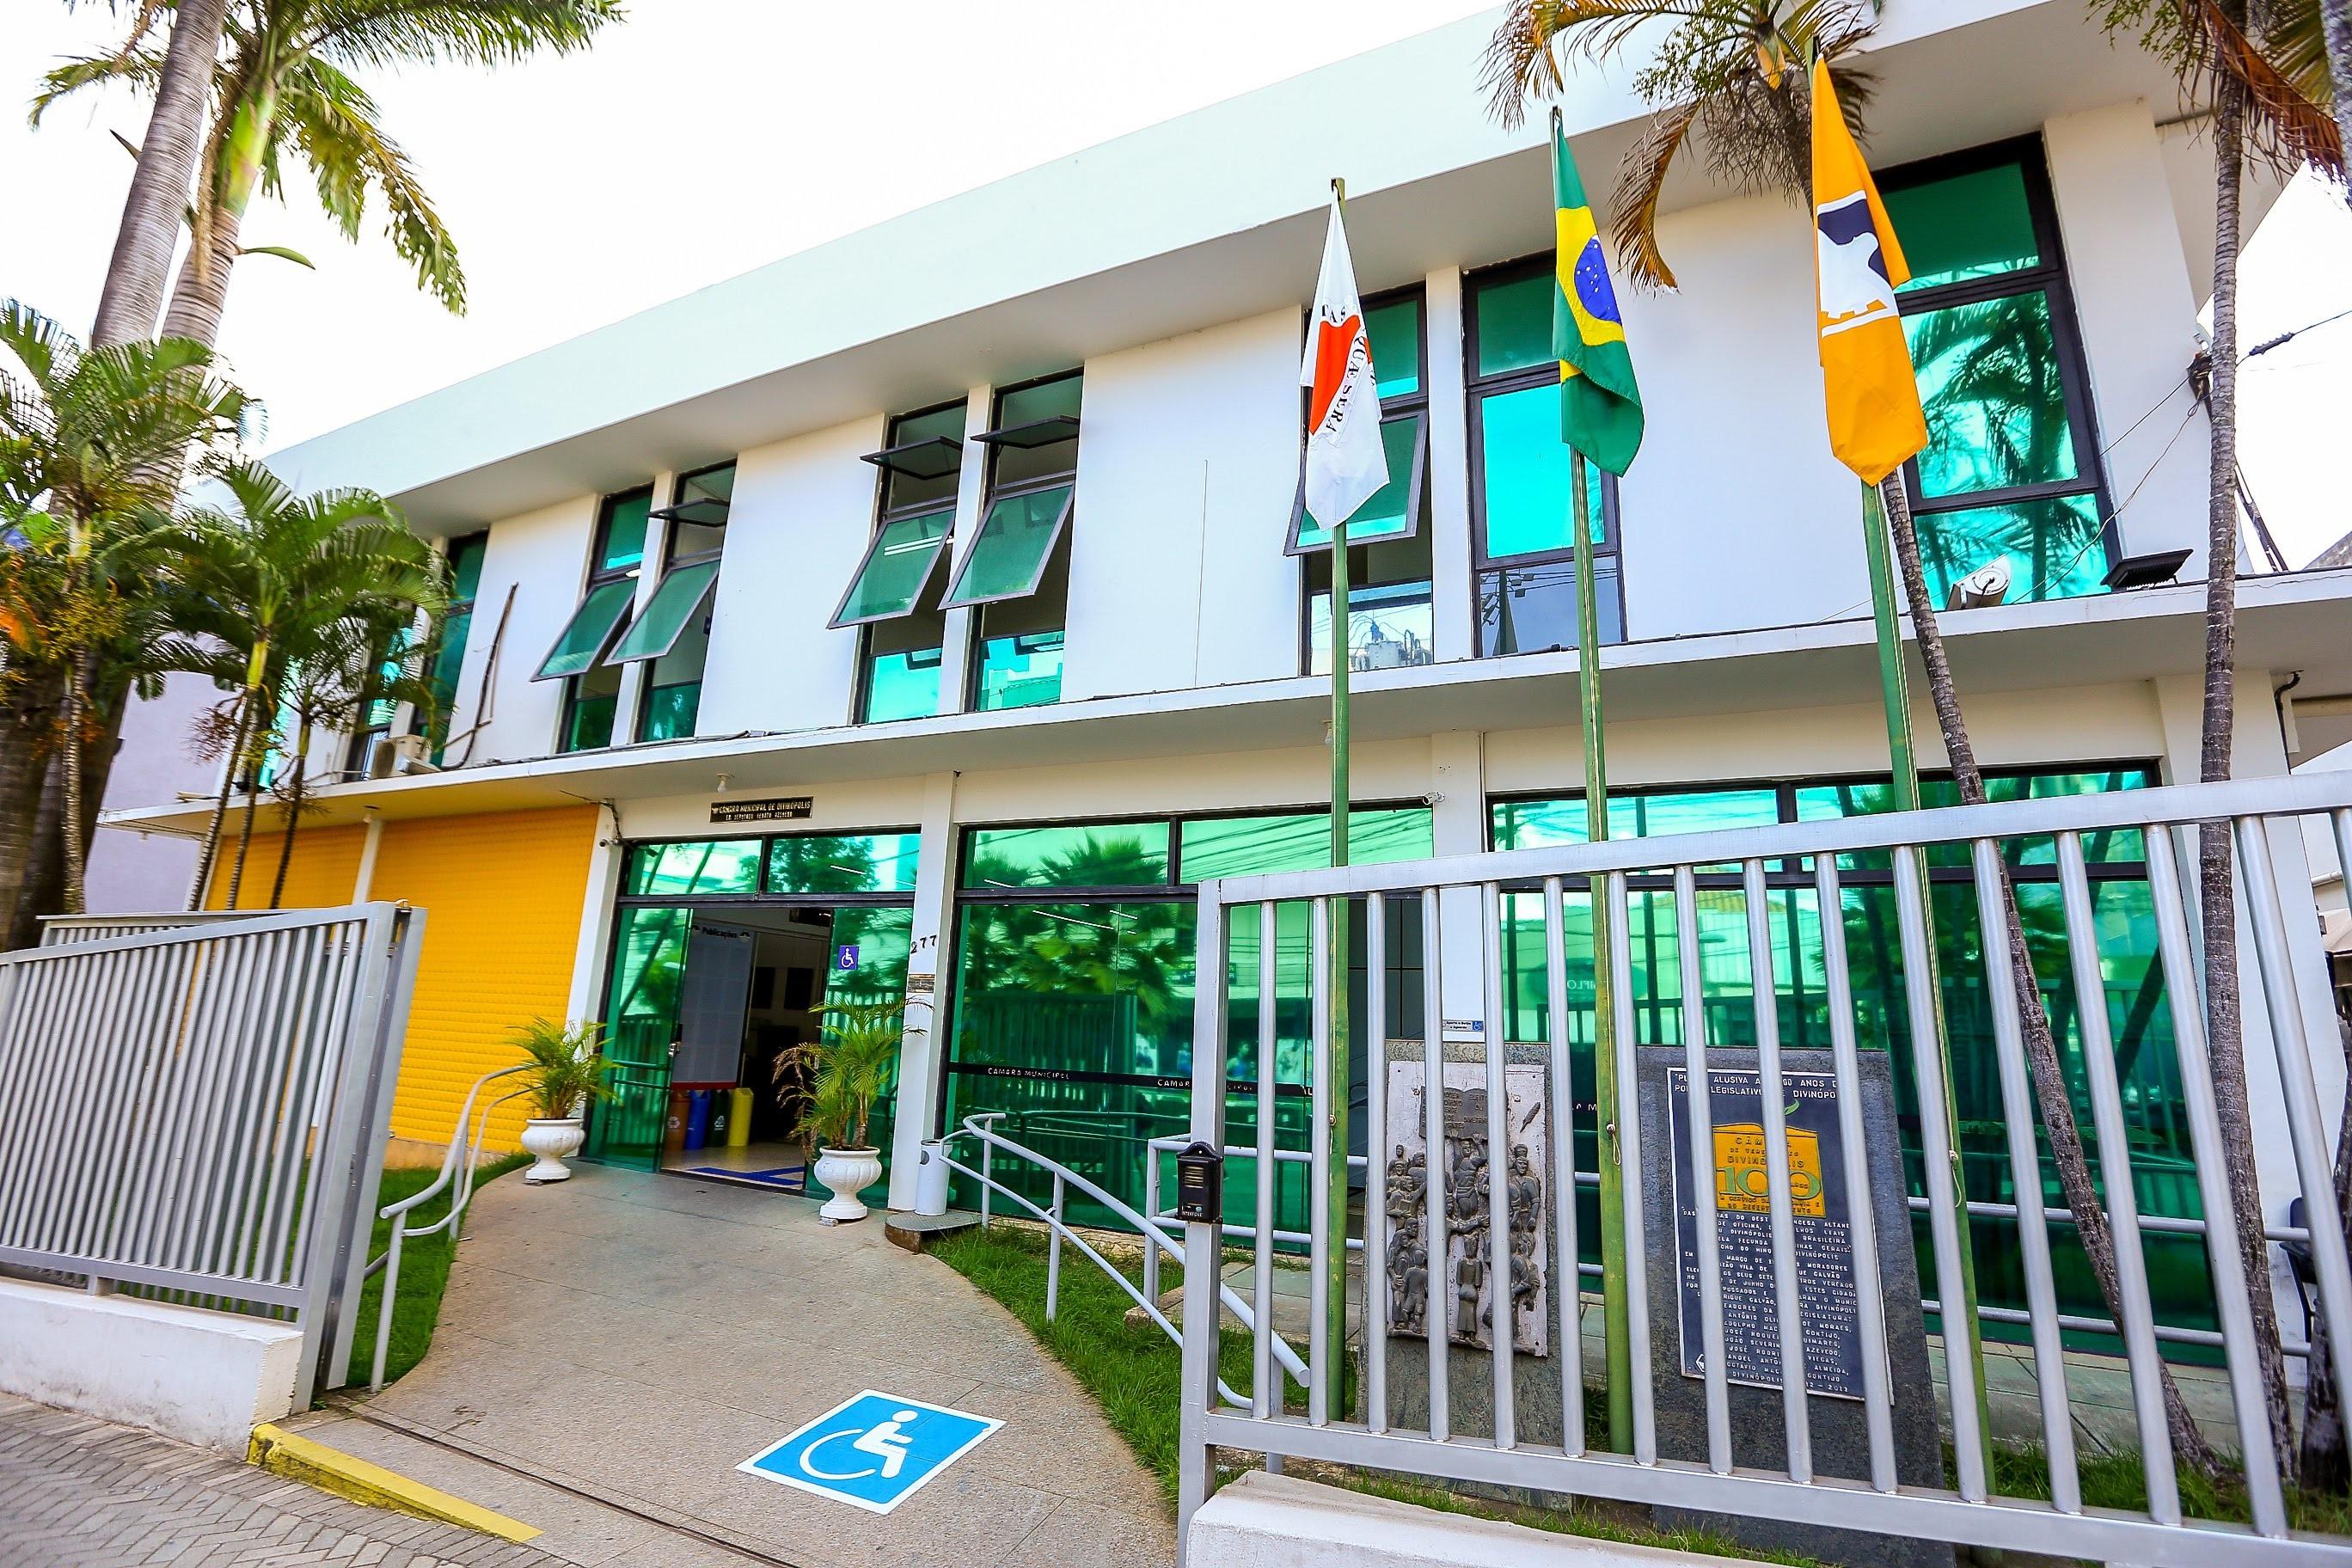 Câmara aprova leilão de lotes da Prefeitura para construção de postos de saúde em Divinópolis - Notícias - Plantão Diário